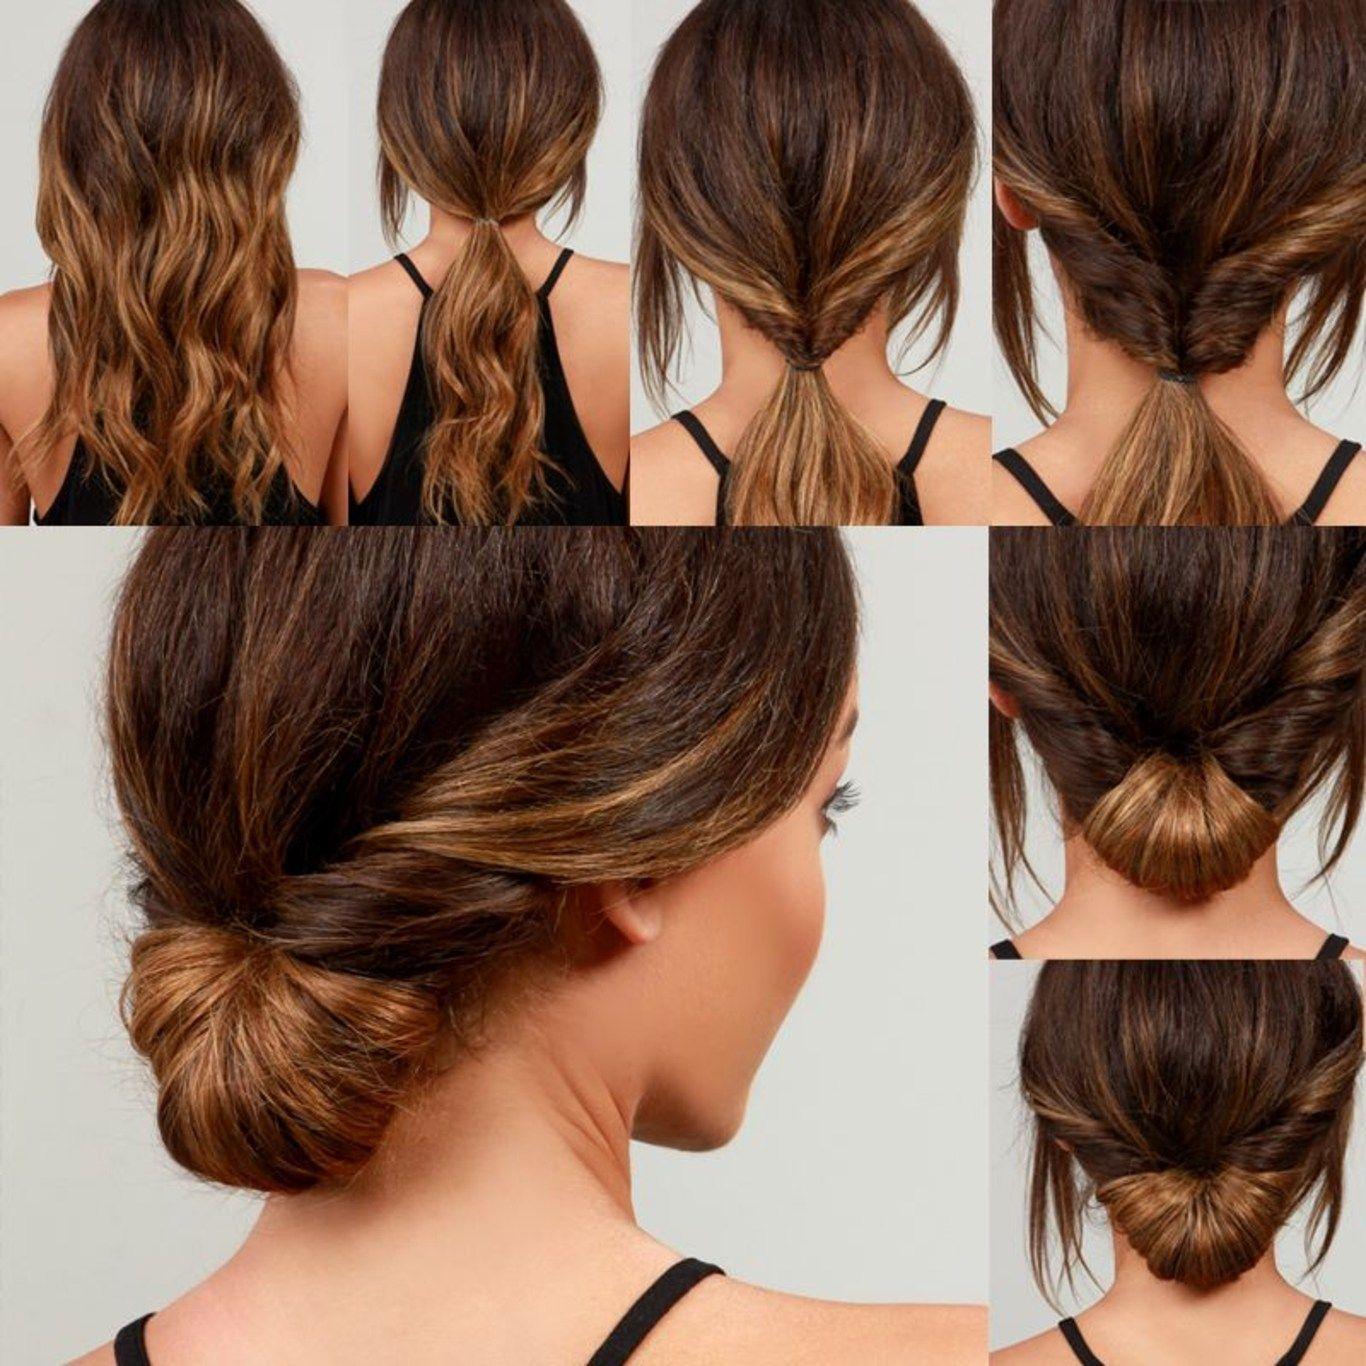 Mittellange Haare Stylen Schnelle Frisuren Arbeit Anleitung Qu Mittellange Haare Stylen Mittellange Haare Frisuren Einfach Hochsteckfrisuren Lange Haare